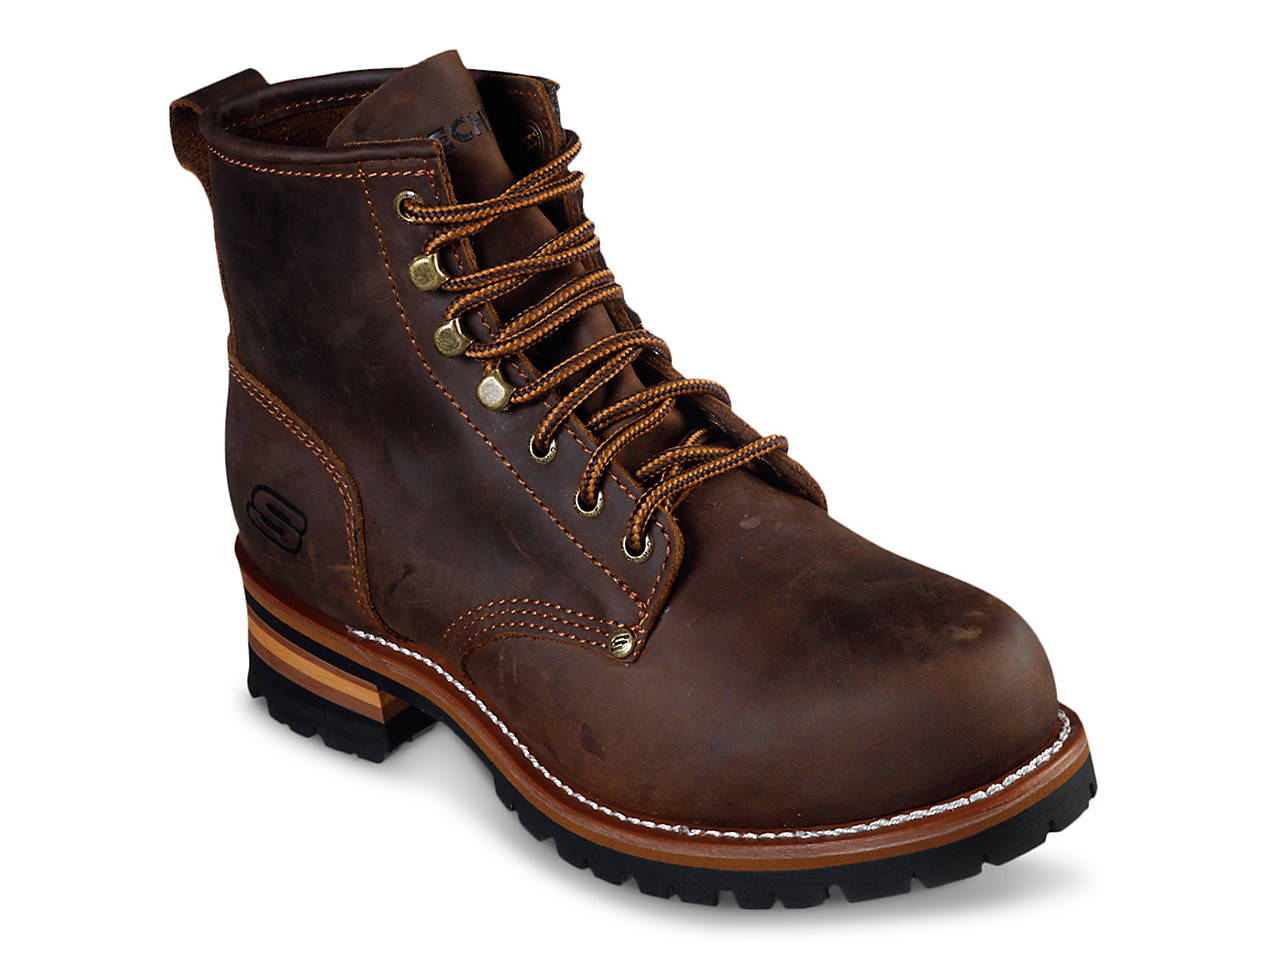 Skechers Cascade Boot Men's Shoes DSW  DSW